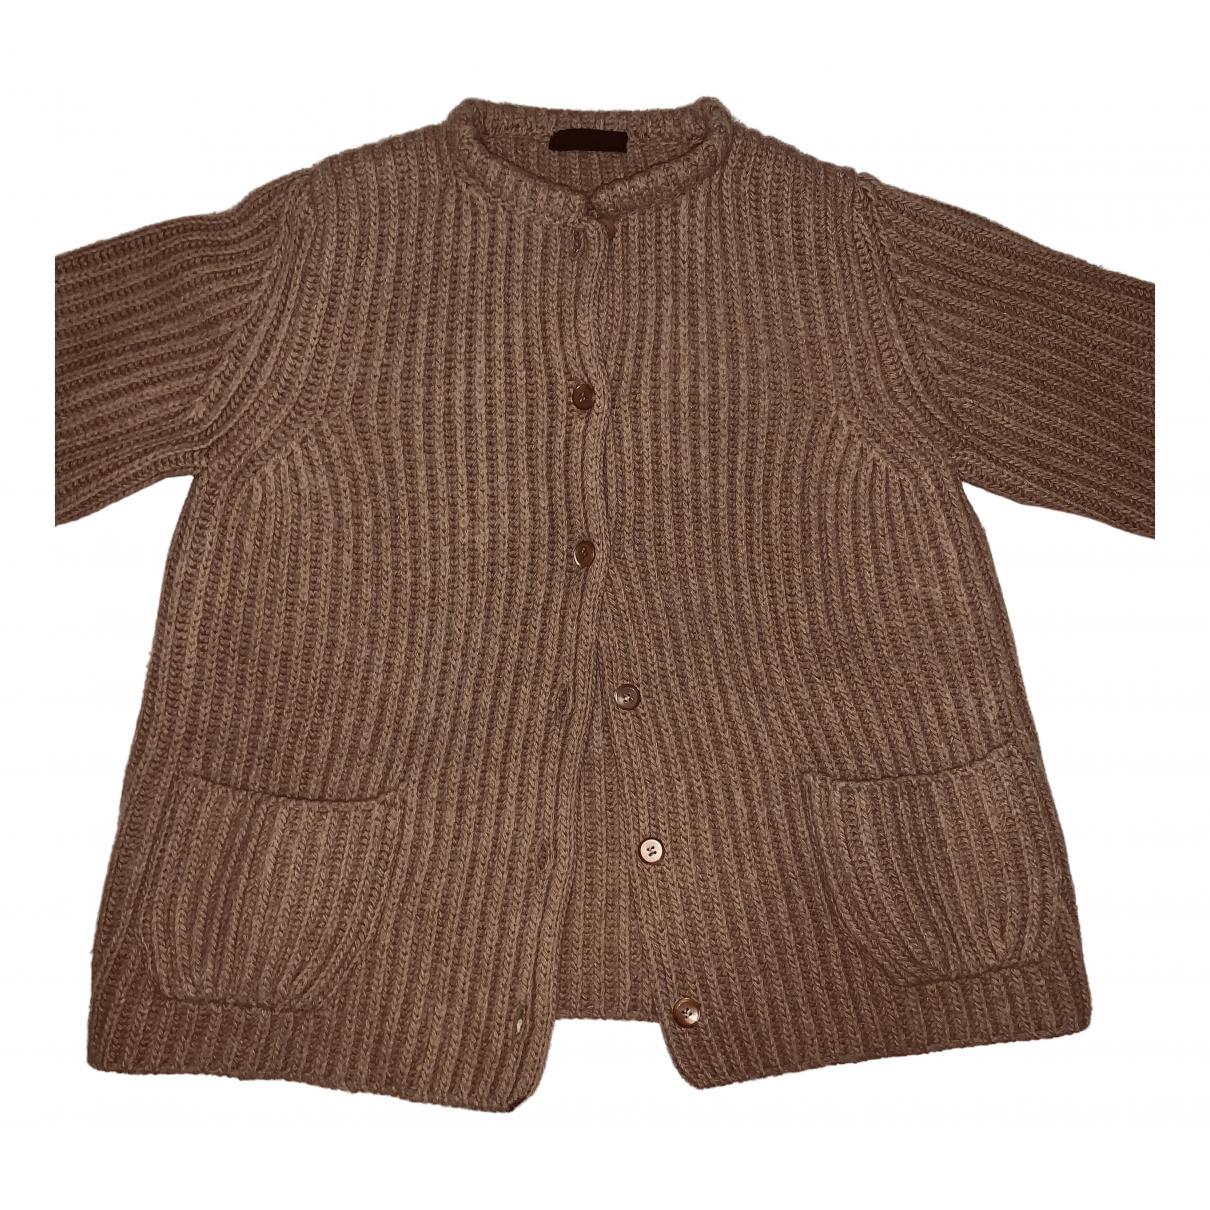 Prada N Camel Wool Knitwear for Women 42 IT